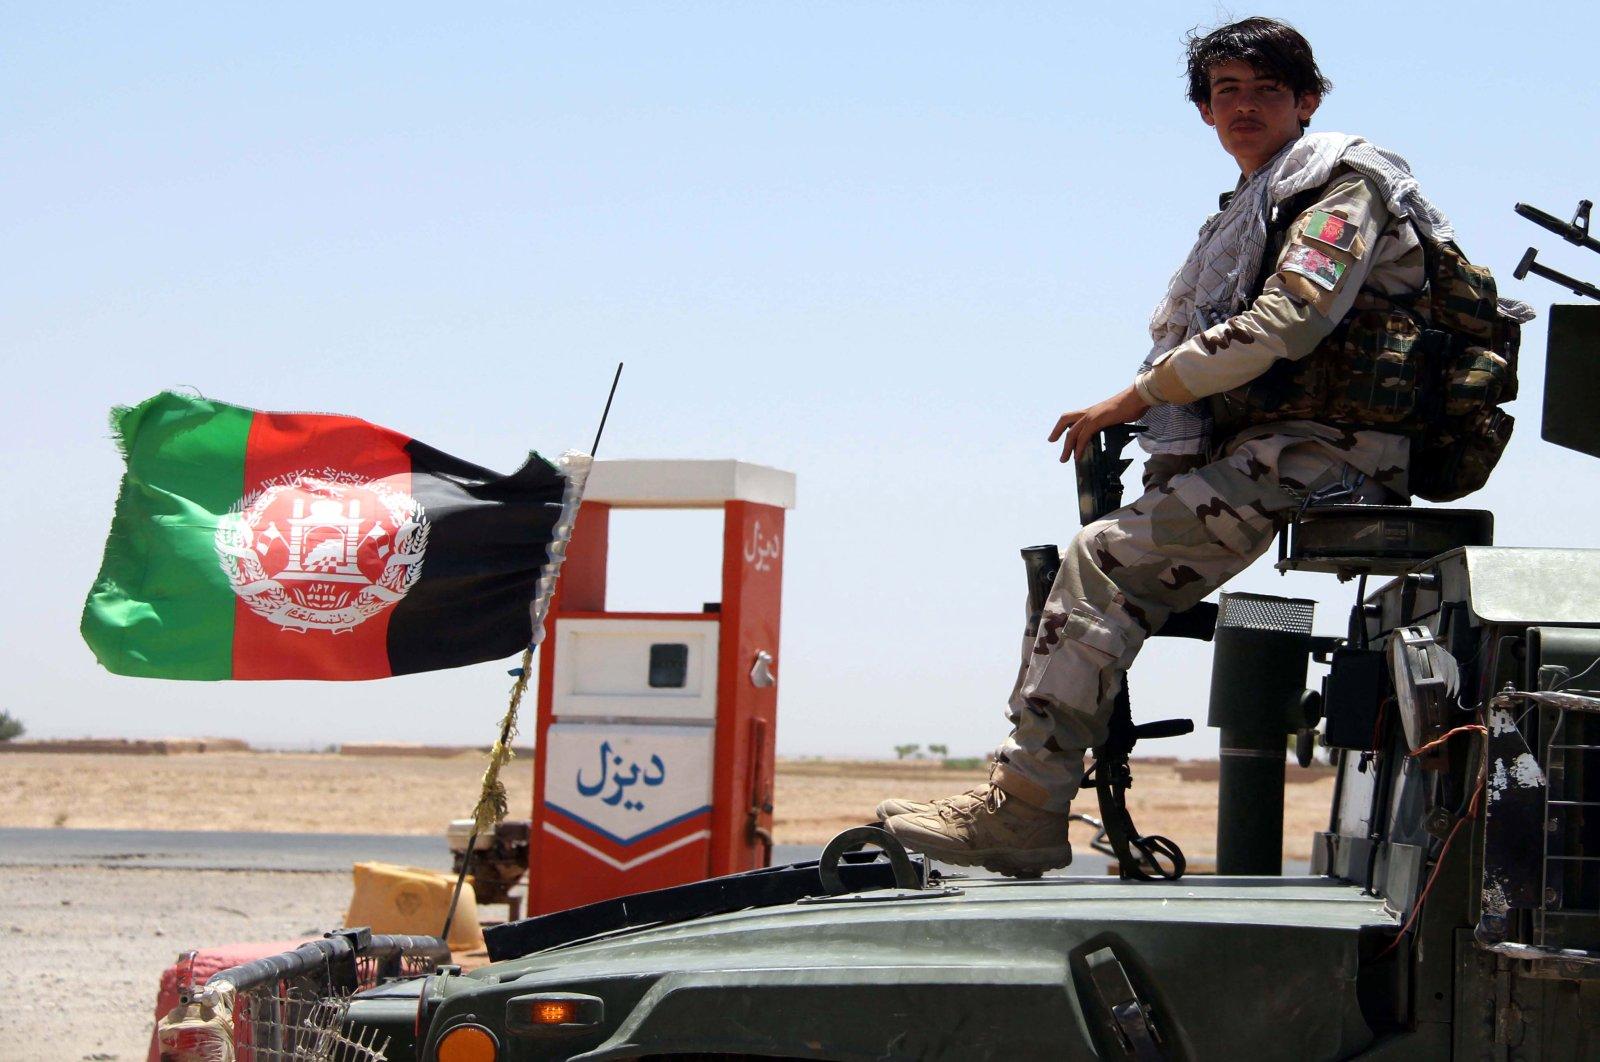 Afghan security forces patrol a highway in Helmand, Afghanistan, June 14, 2020. (EPA Photo)